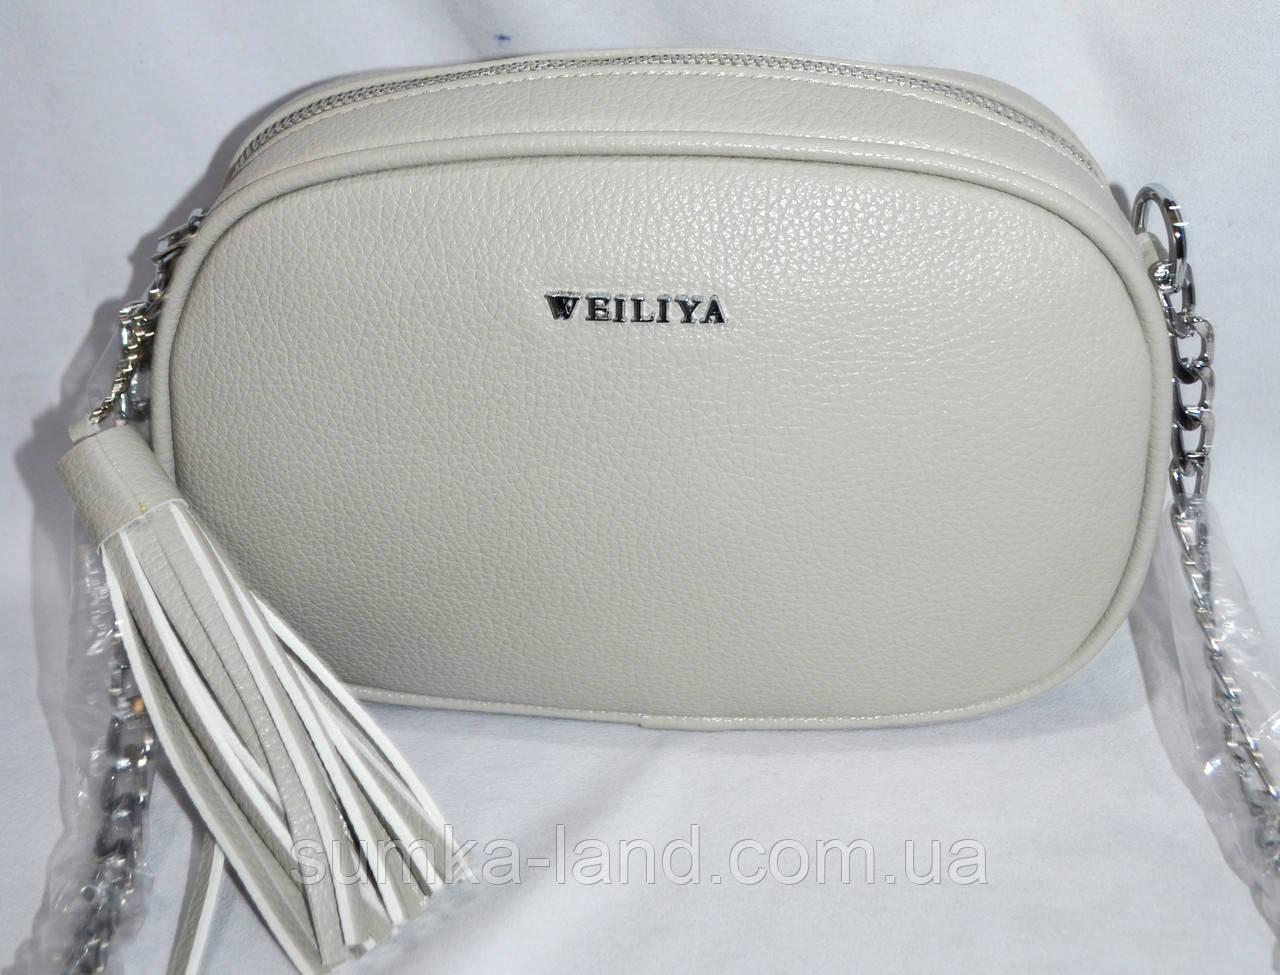 7d5871849f49 Женский овальный клатч с кисточкой на ремешке 22*15 см серый ...